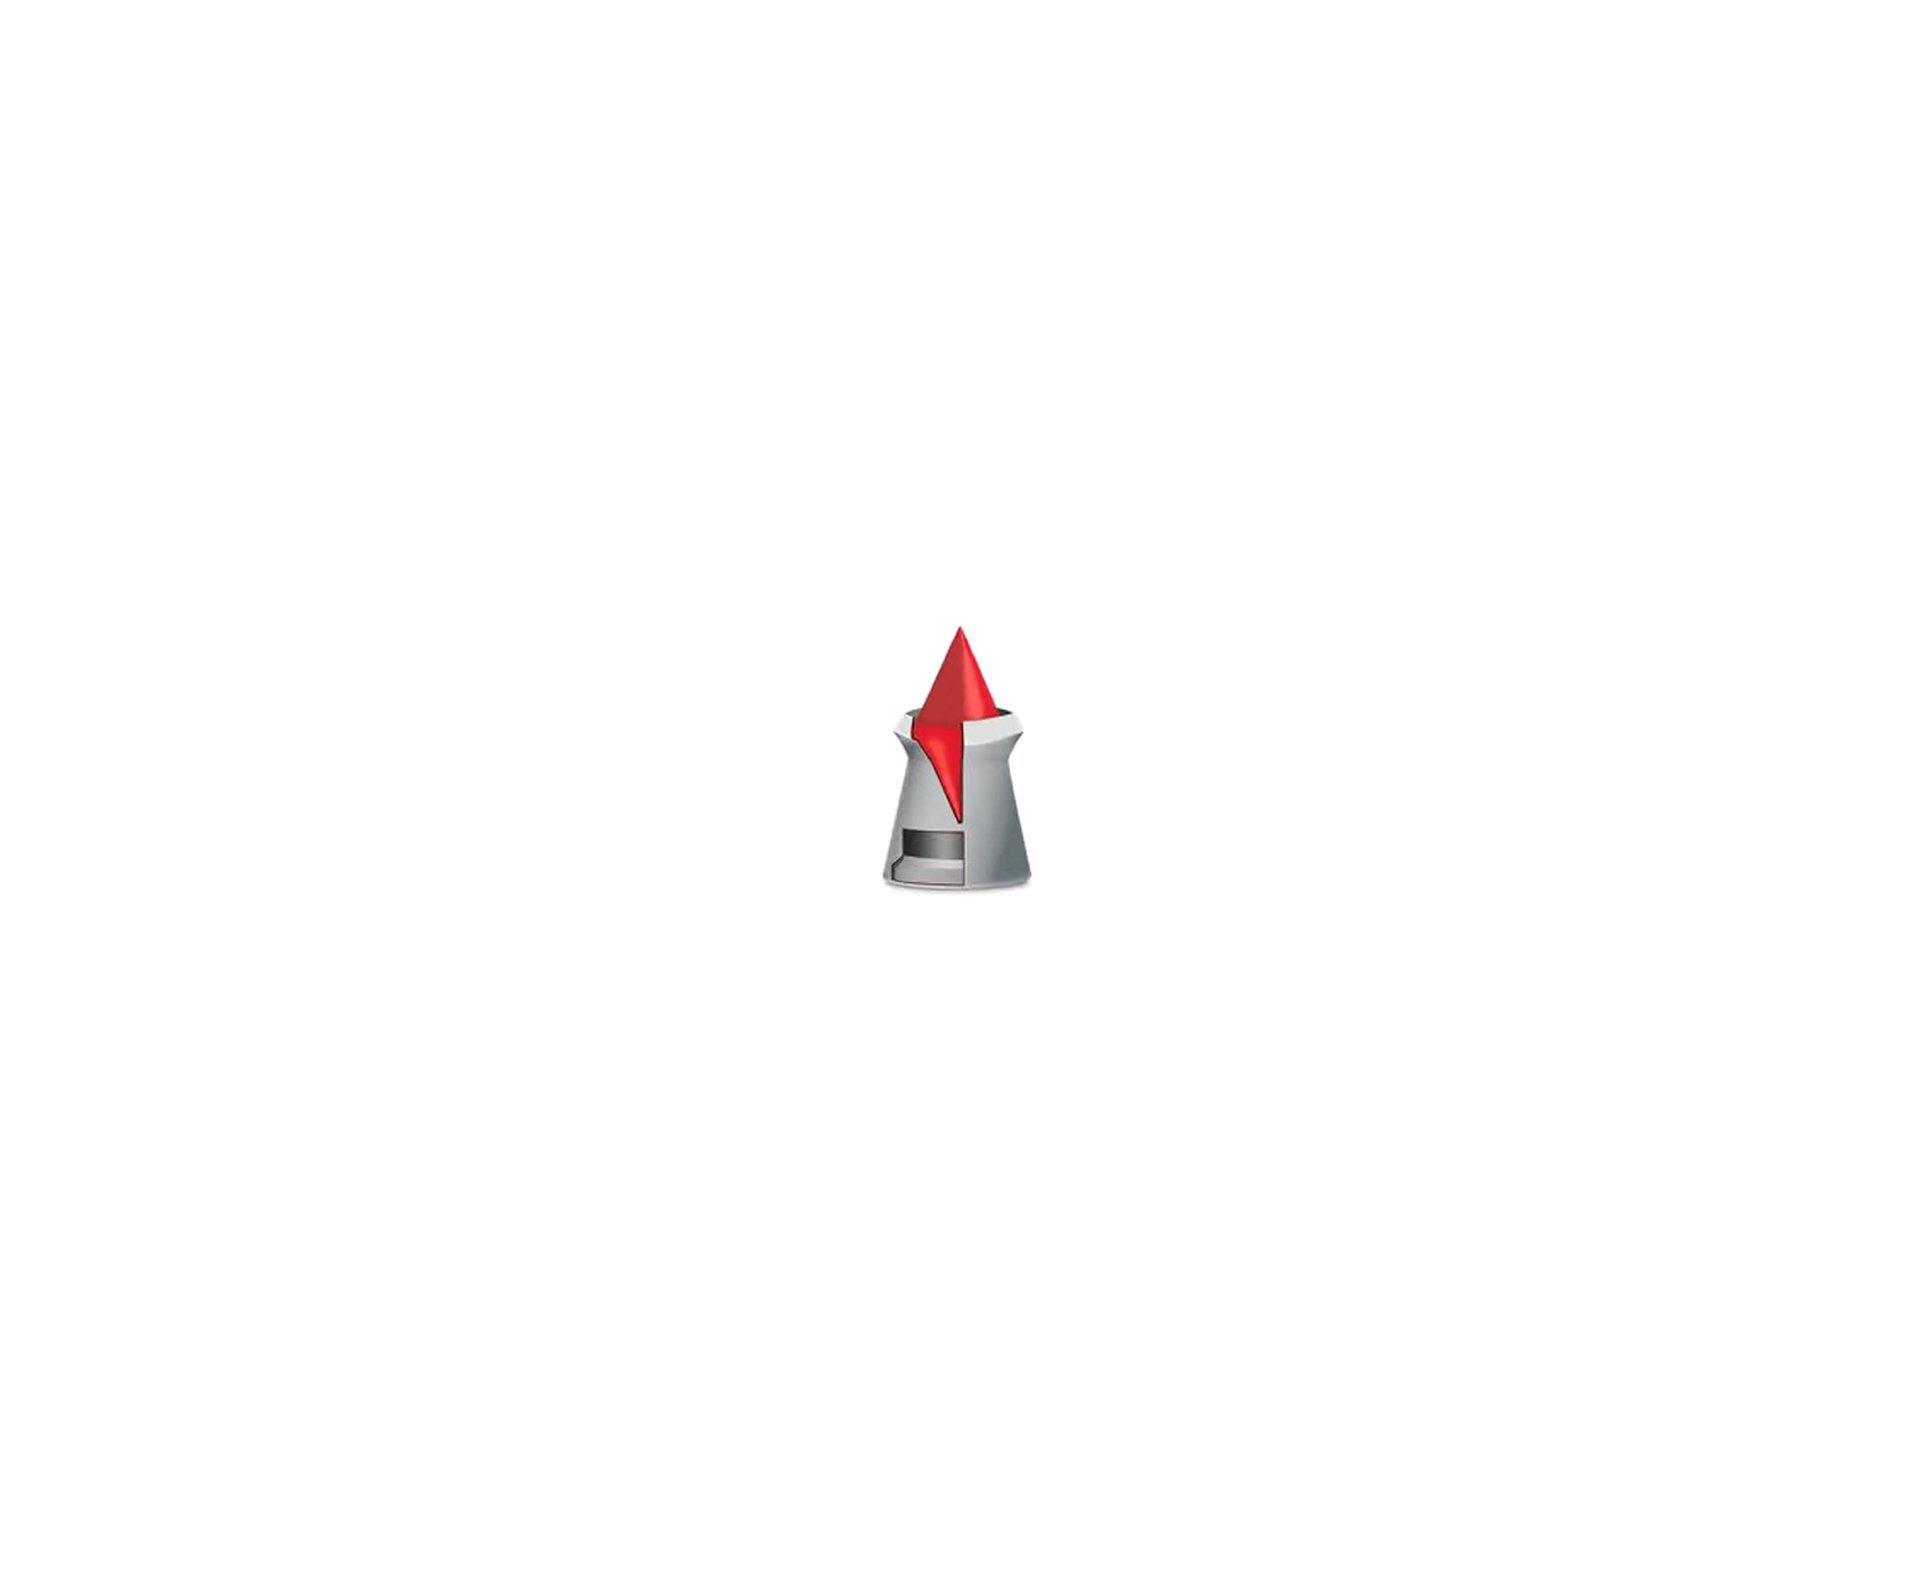 Chumbinho Red Fire - Calibre 4,5 Mm - 125 Unidades - Gamo